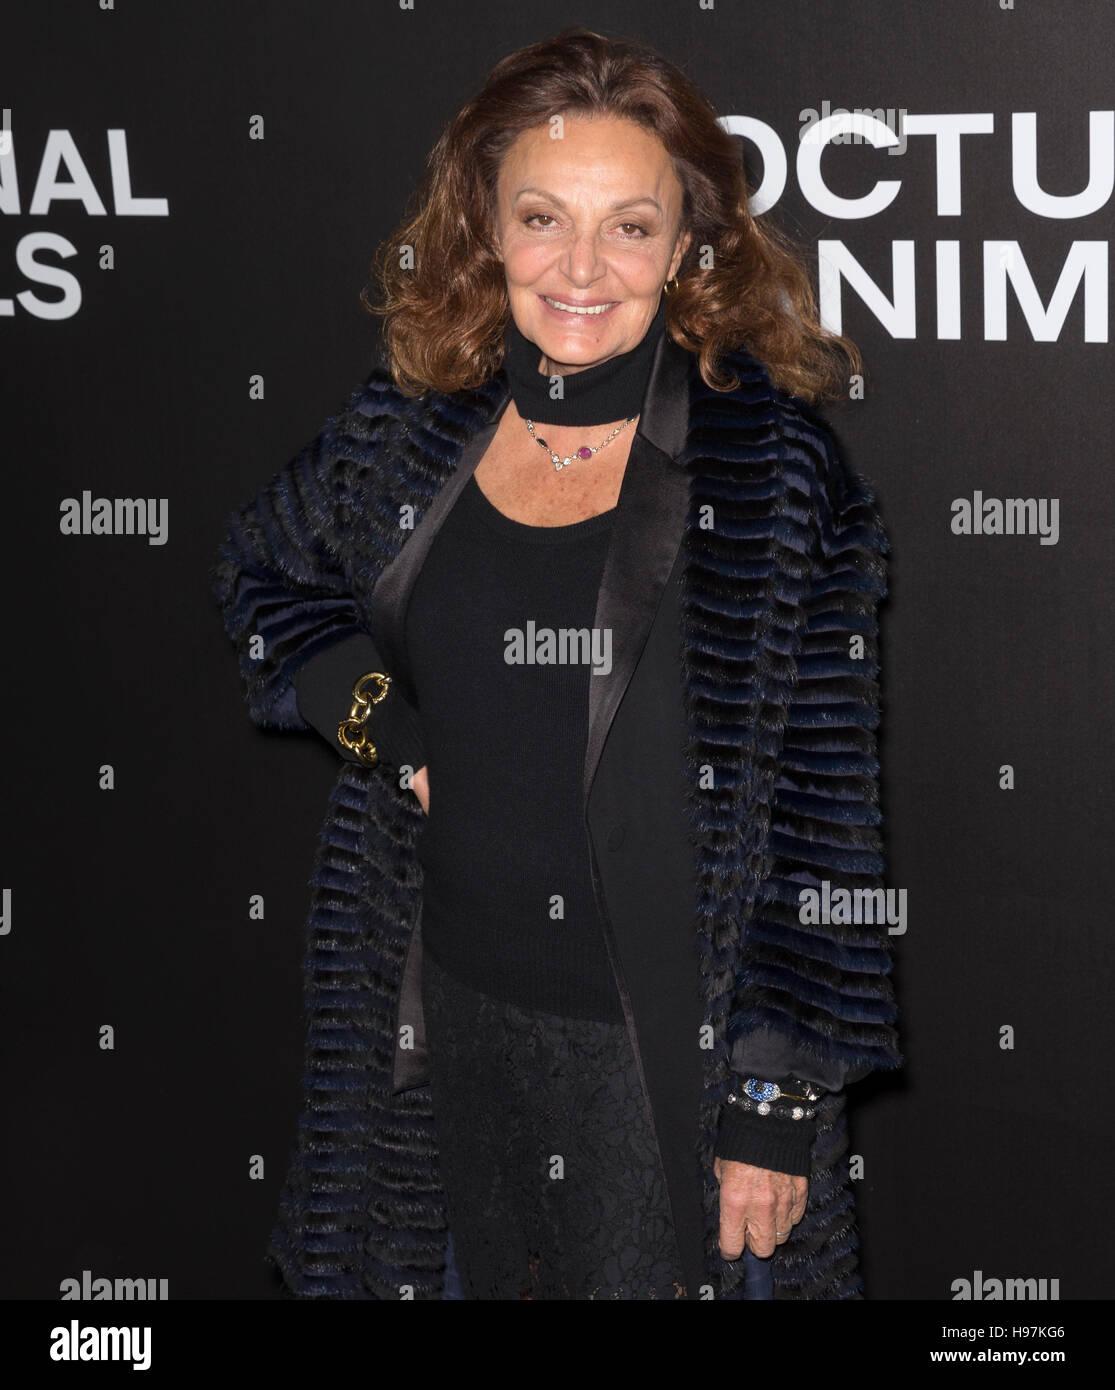 New York City, USA - November 17, 2016: Designer Diane von Furstenberg attends the 'Nocturnal Animals' New - Stock Image